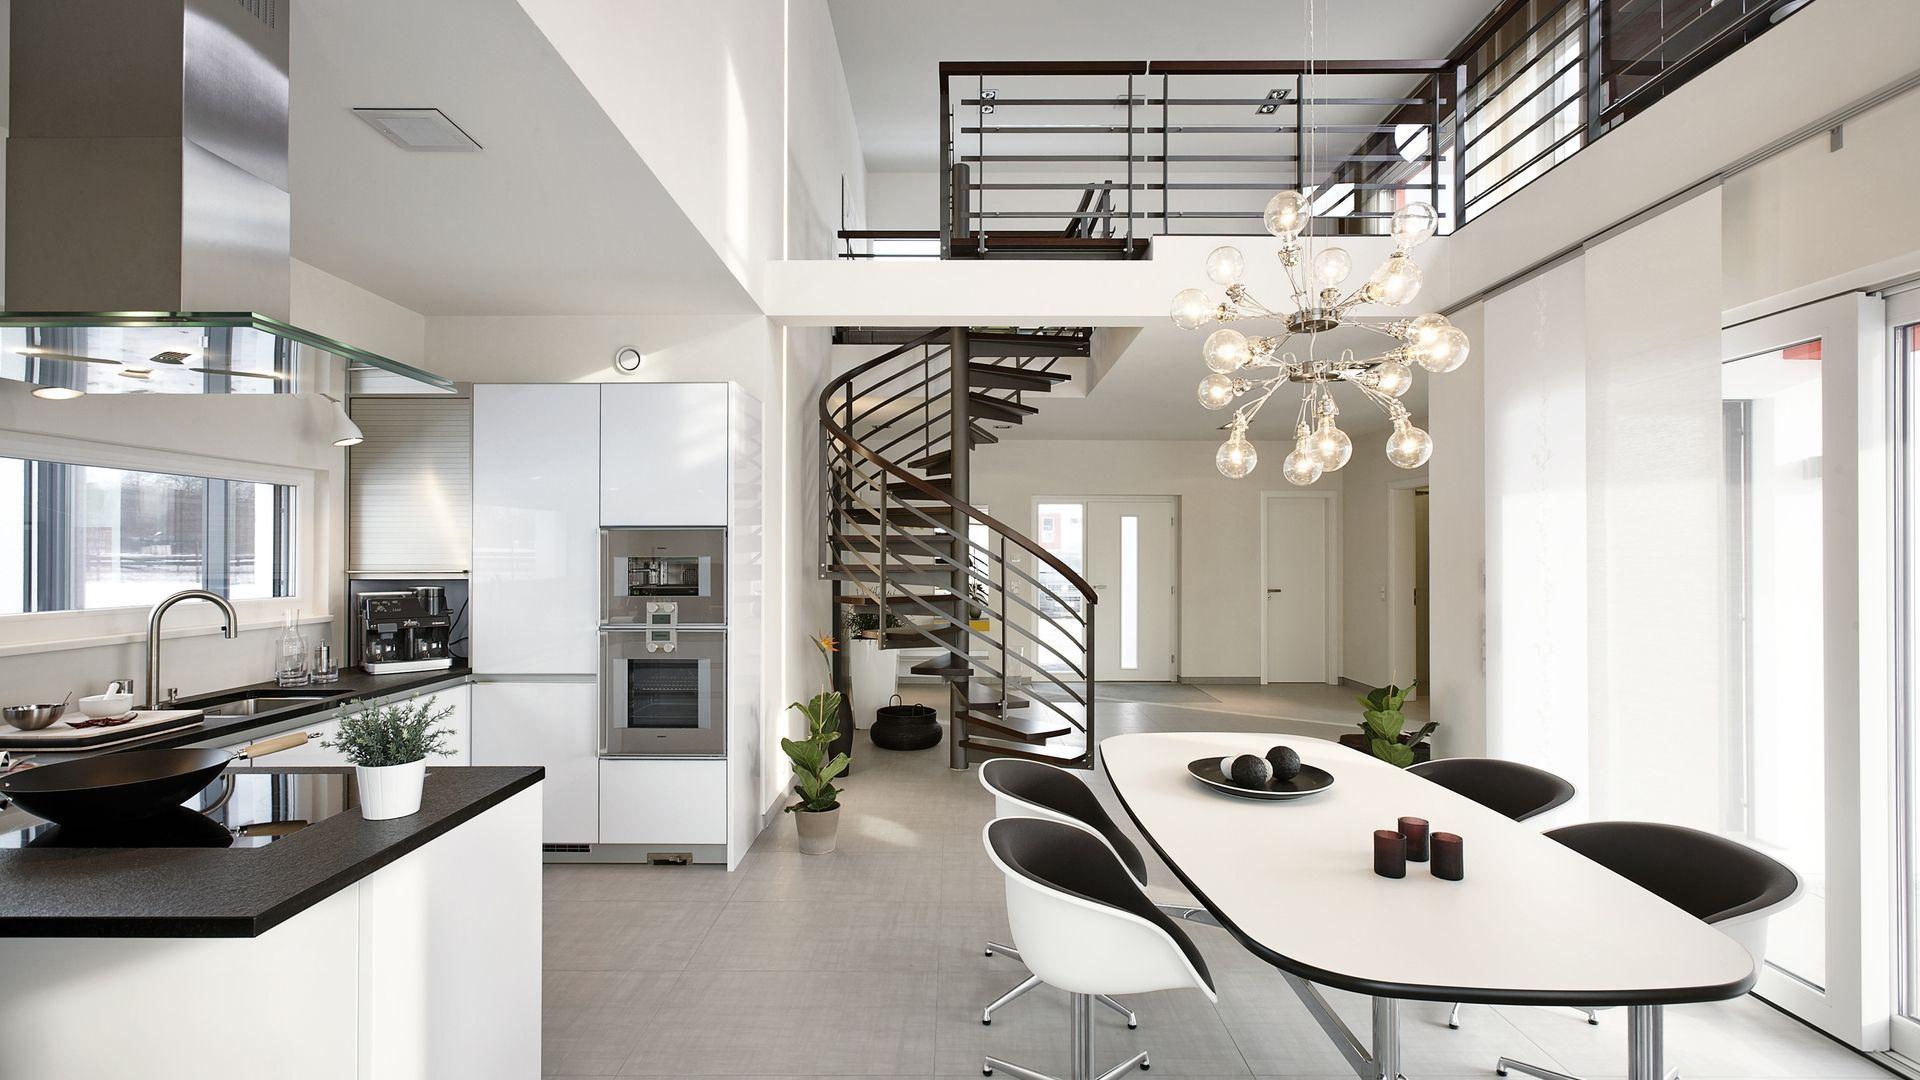 palme wohnzimmer m bel inspiration und innenraum ideen. Black Bedroom Furniture Sets. Home Design Ideas